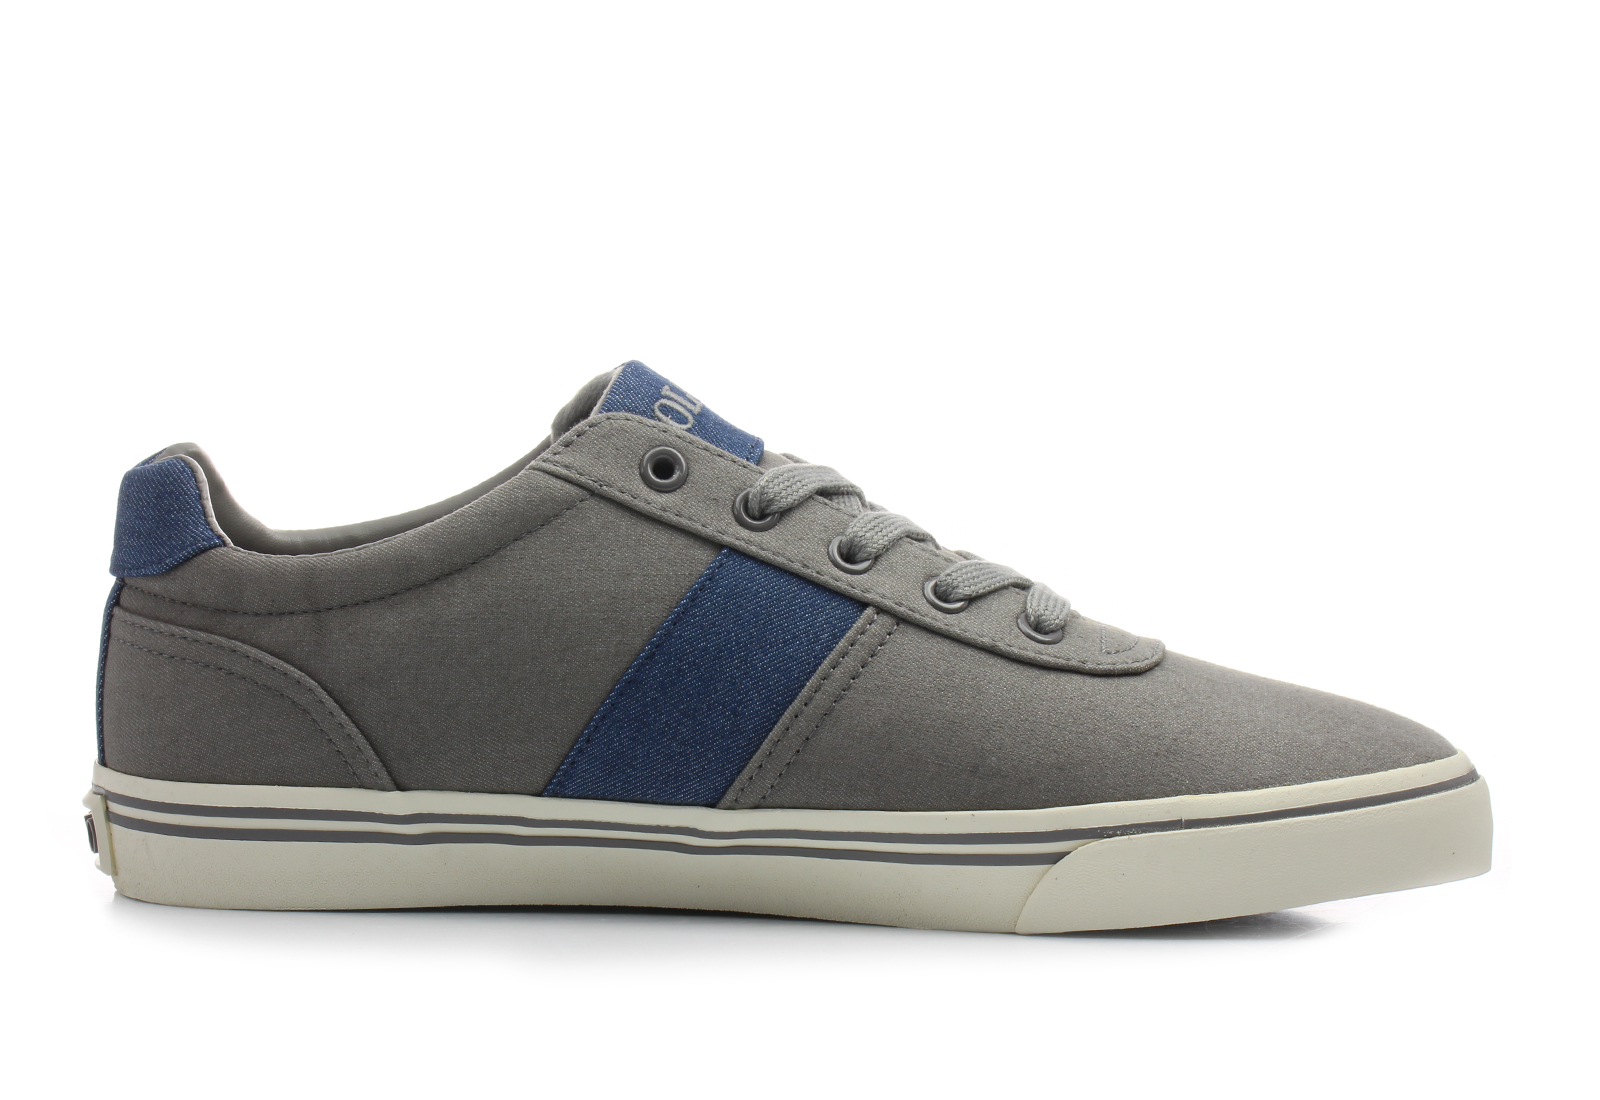 Polo Ralph Lauren Shoes - Hanford-ne - 816688415003 - Online shop ... f6959c7c52